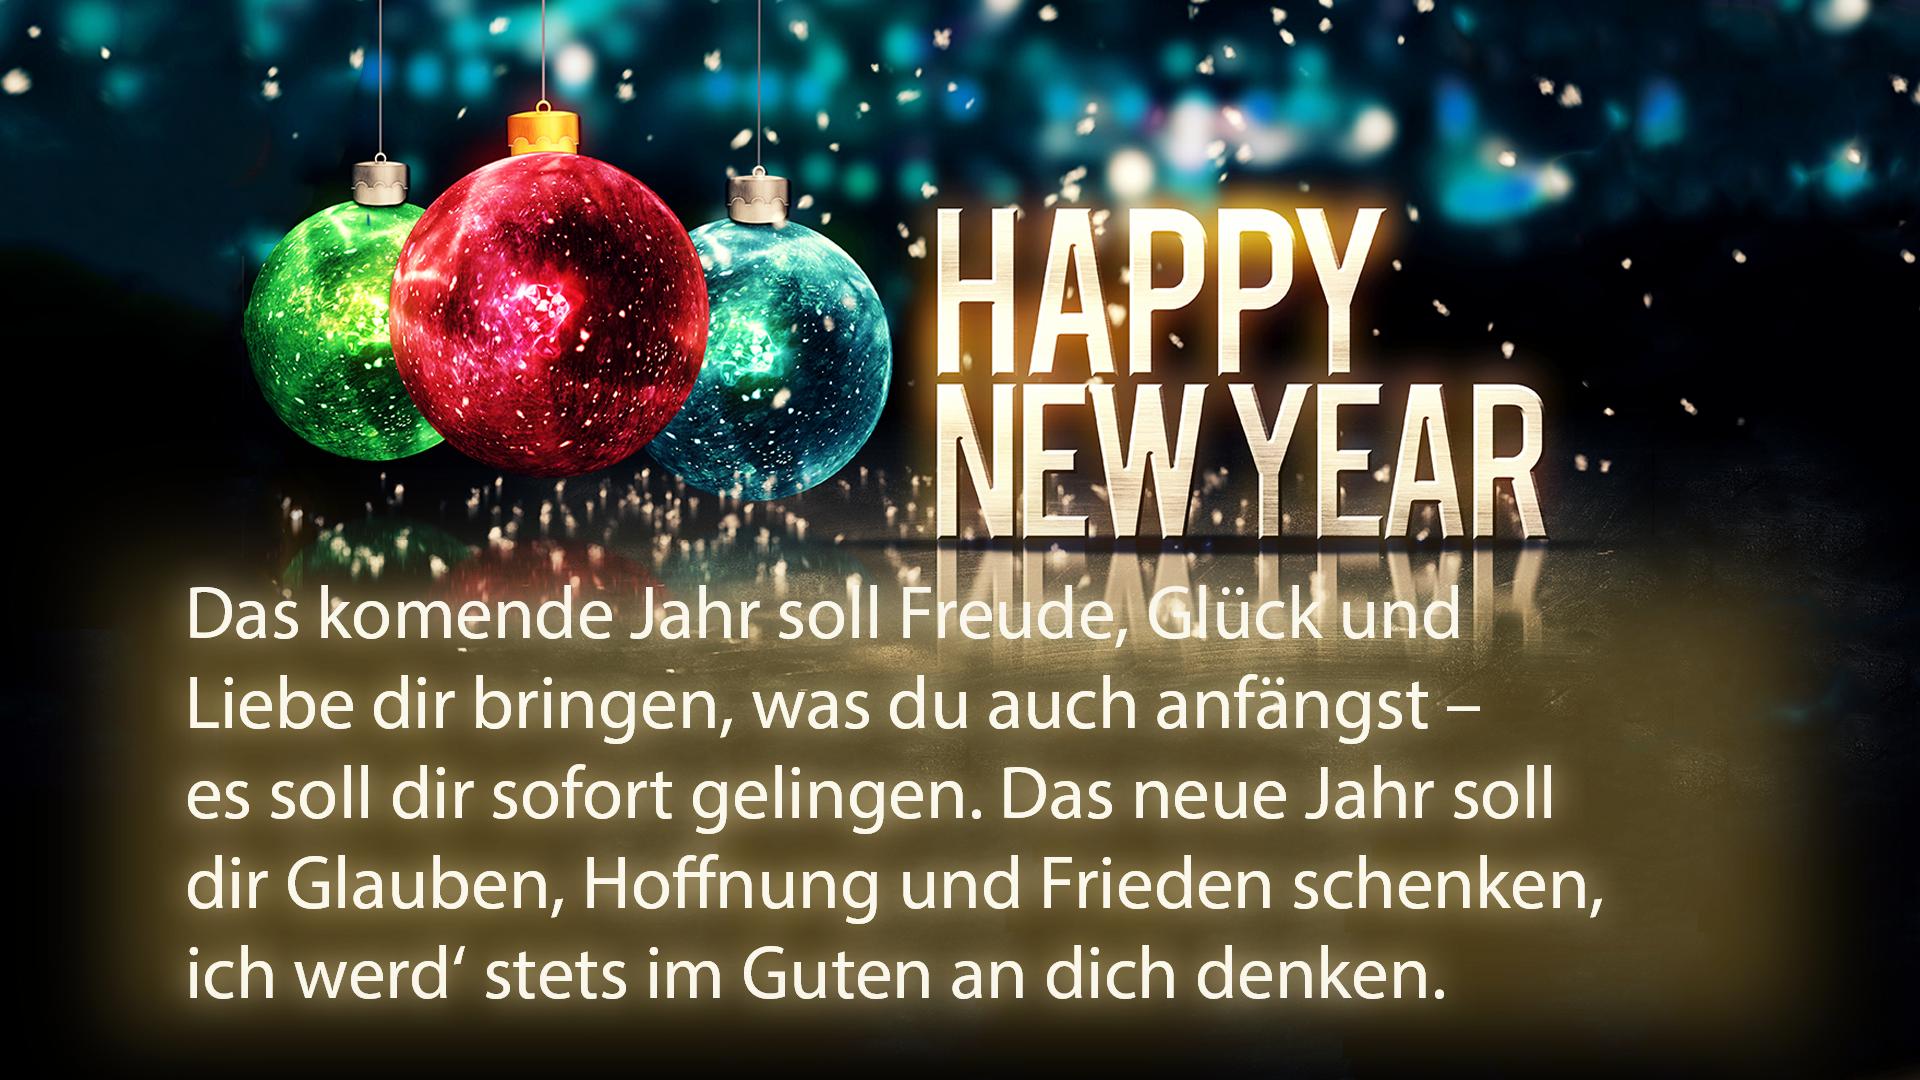 Neujahrswünsche 2017 für WhatsApp, SMS & Co.: Lustige & schöne ...